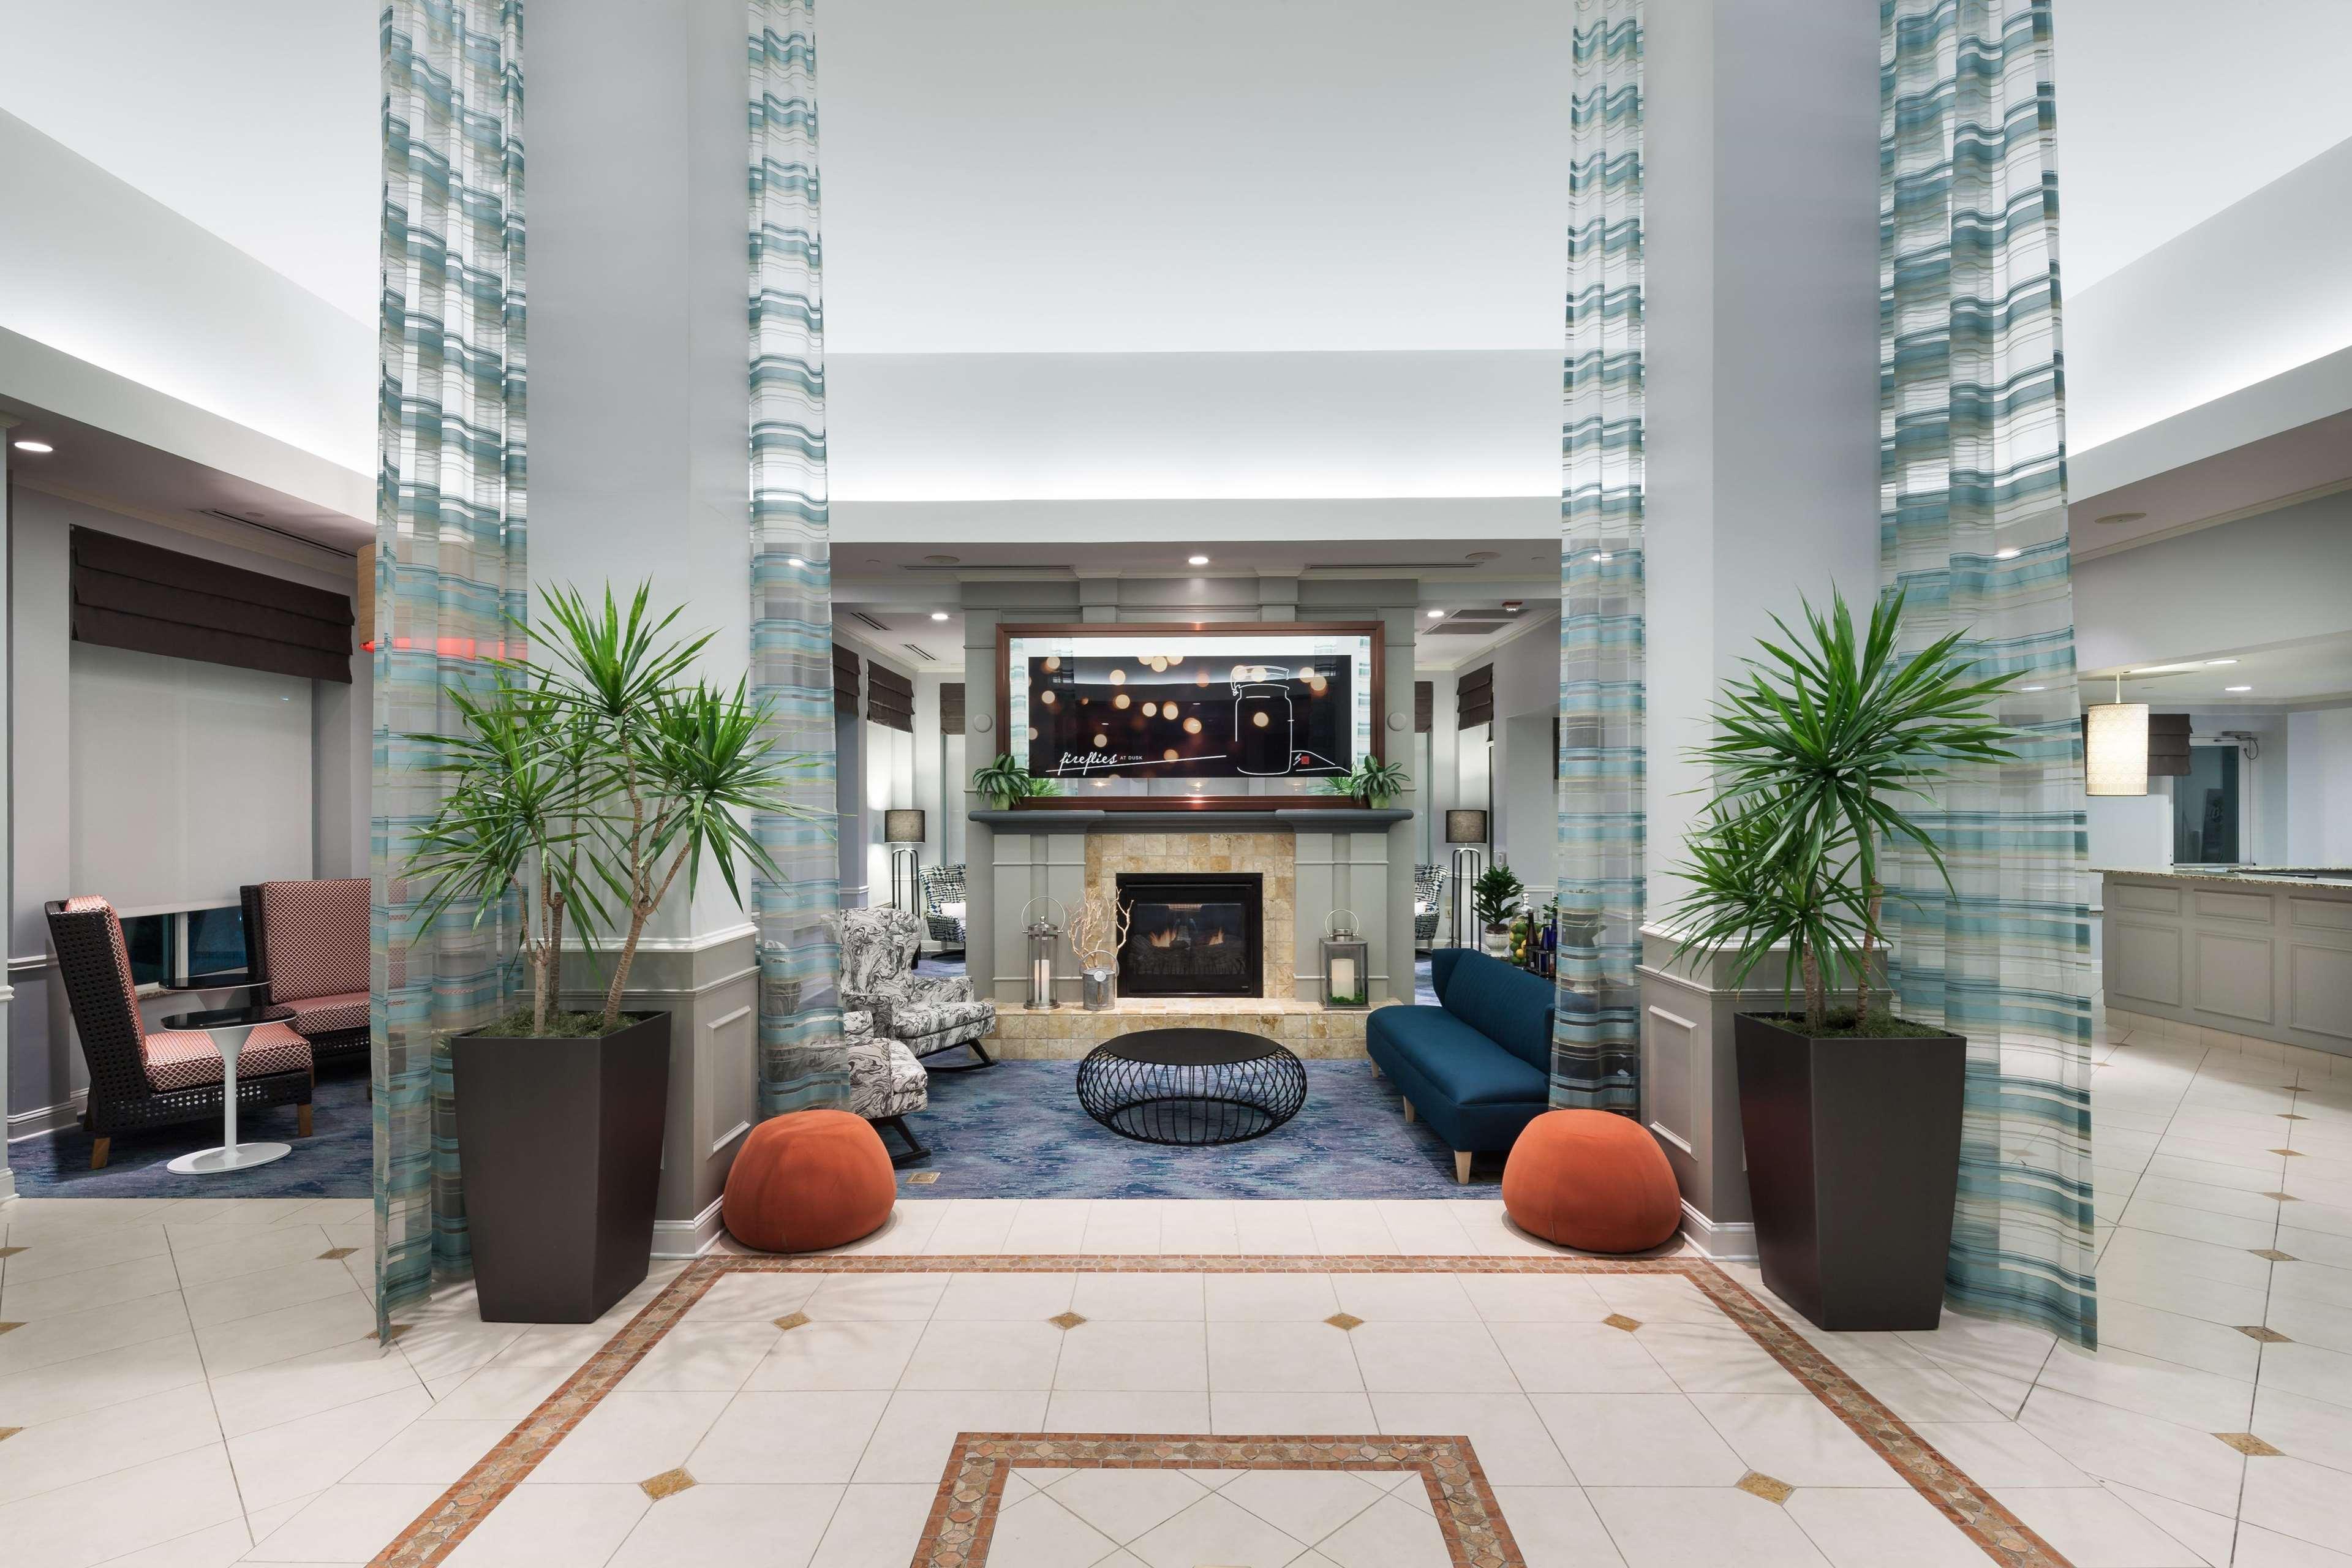 Hilton Garden Inn Frisco image 12